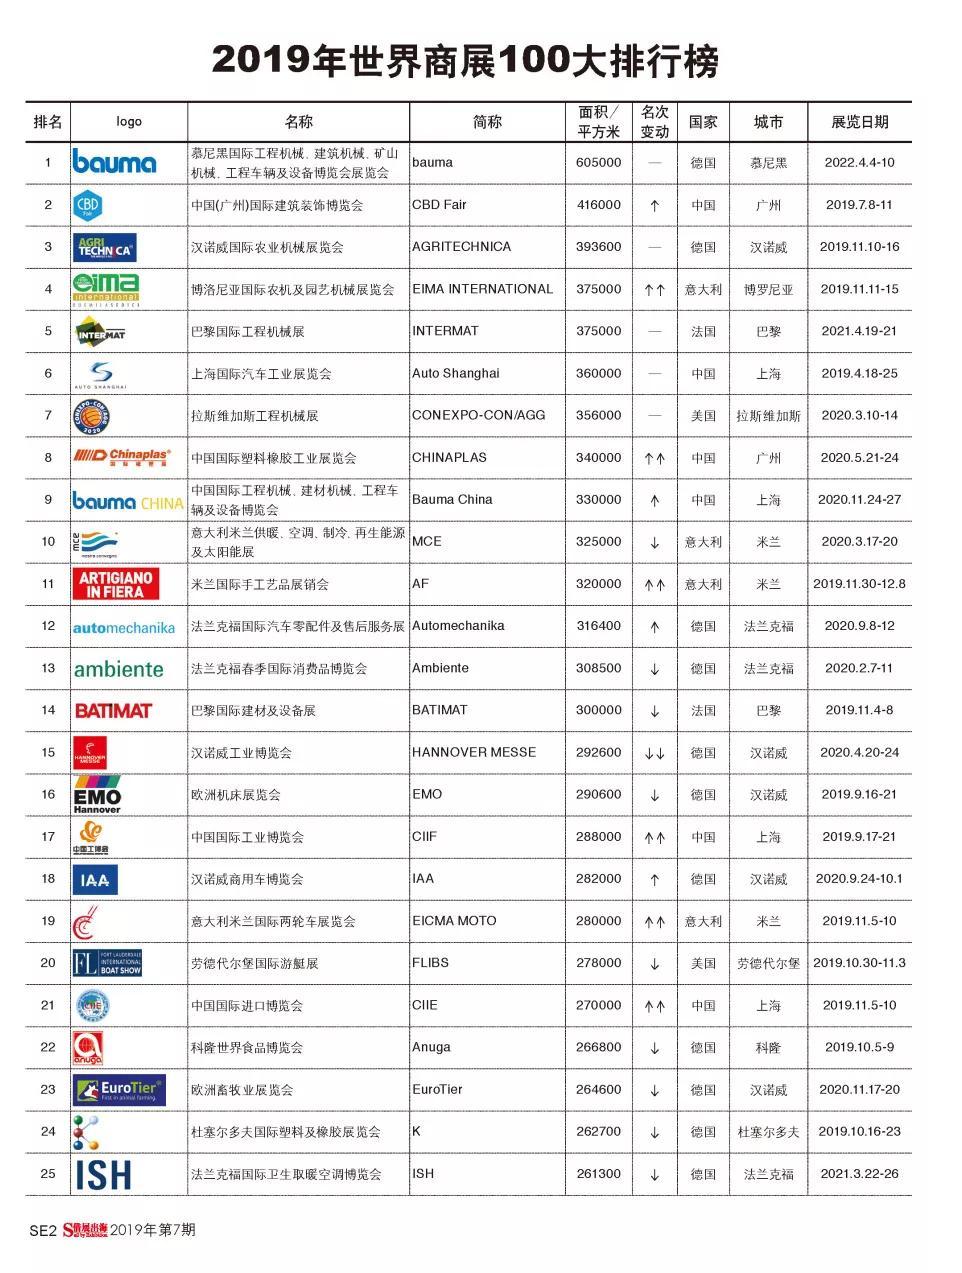 中国工博会成功跻身世界百强商展前20位